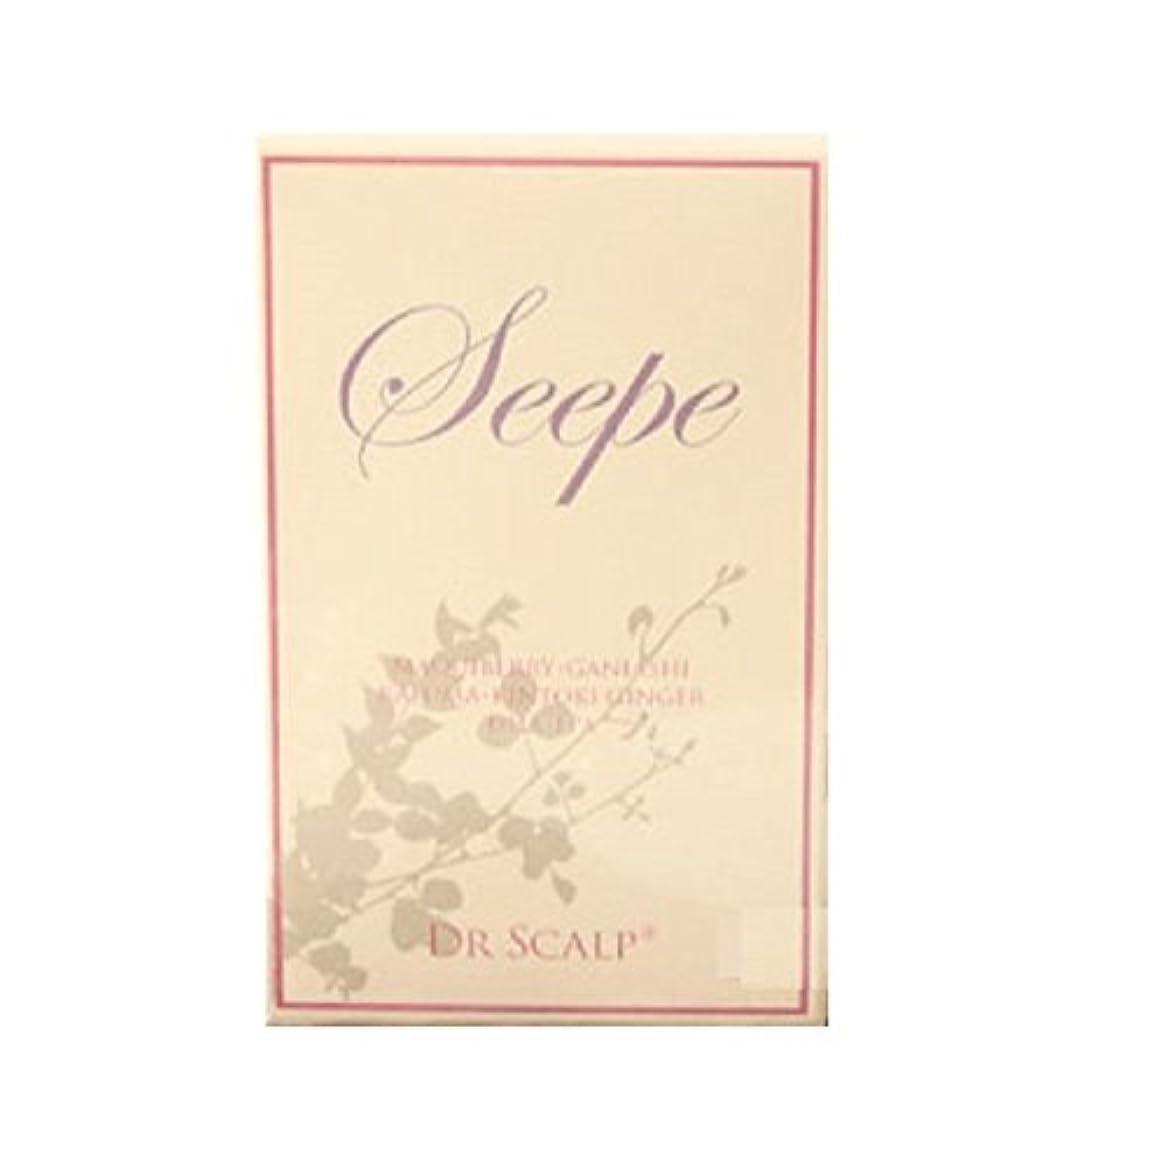 強盗わな薬ドクタースカルプ DR.SCALP(ドクタースカルプ)SEEPE(シープ) (サプリメント)※プロジェクトサプリメントのリニューアル商品です《60粒》